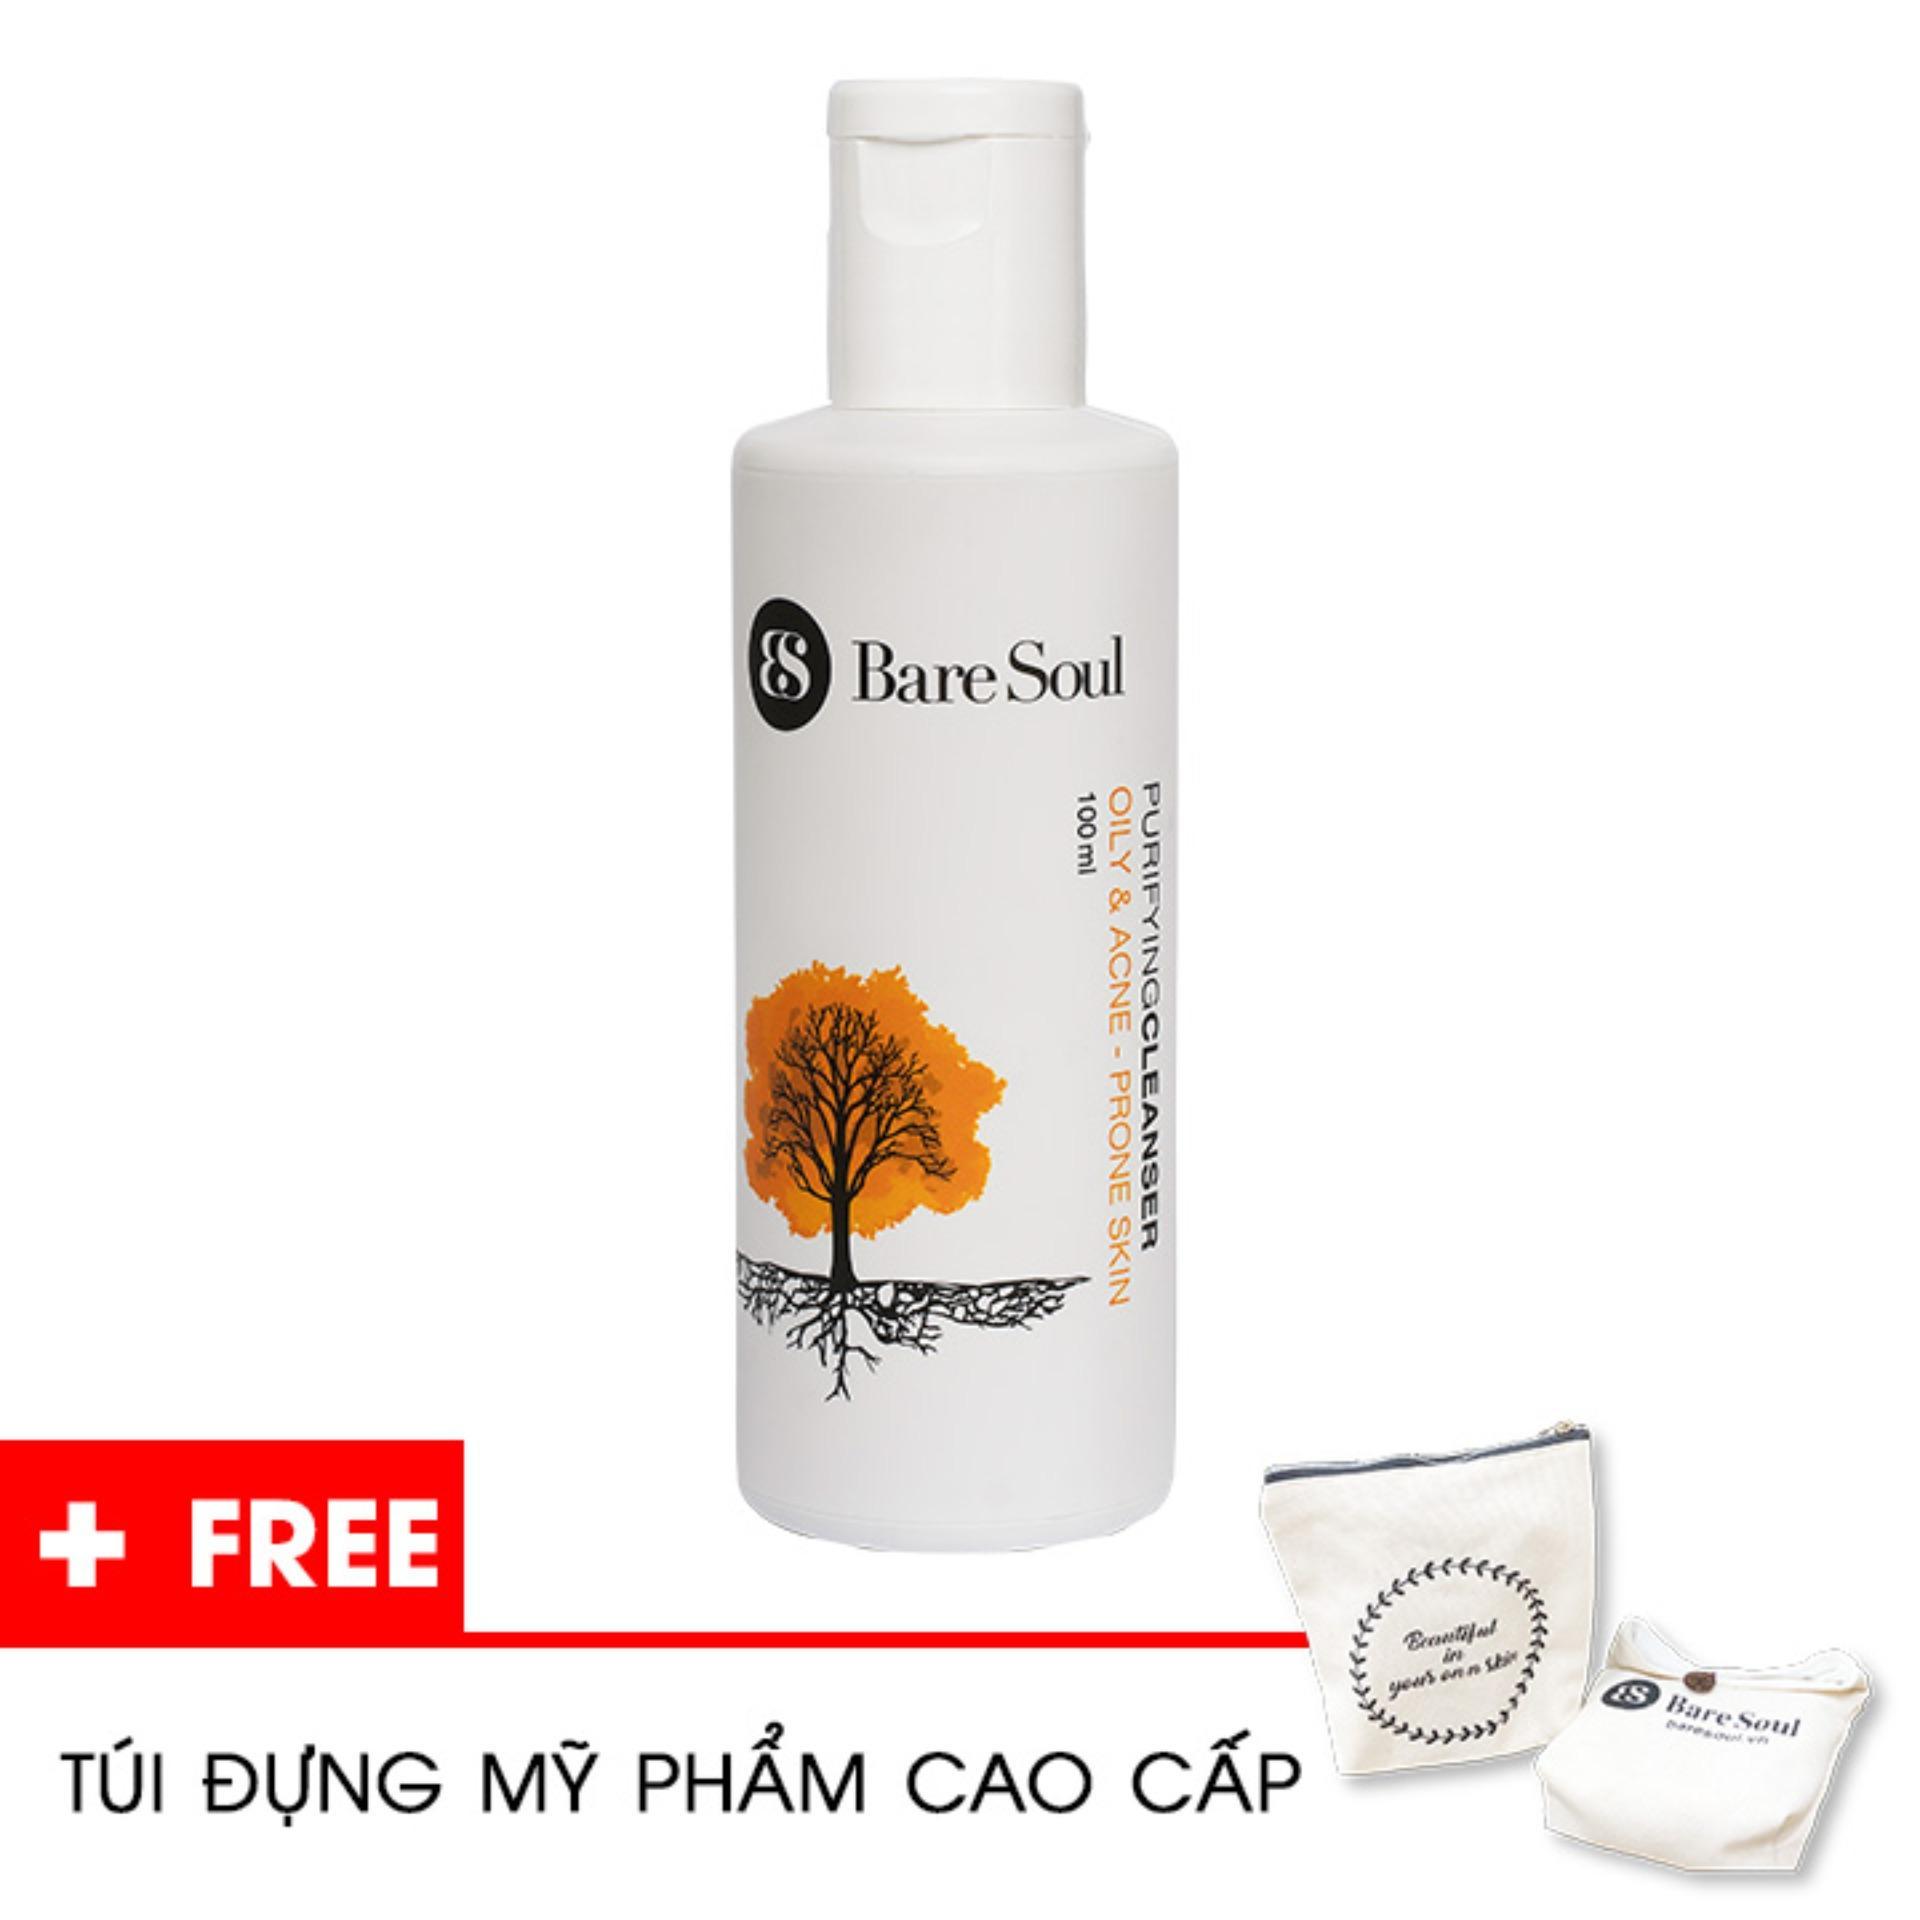 Sữa rửa mặt thanh lọc BareSoul – Da dầu và trị mụn 100ml  – Hàng chính hãng – Purifying Cleanser Oily & Acne Prone Skin + Tặng túi mỹ phẩm cao cấp tốt nhất